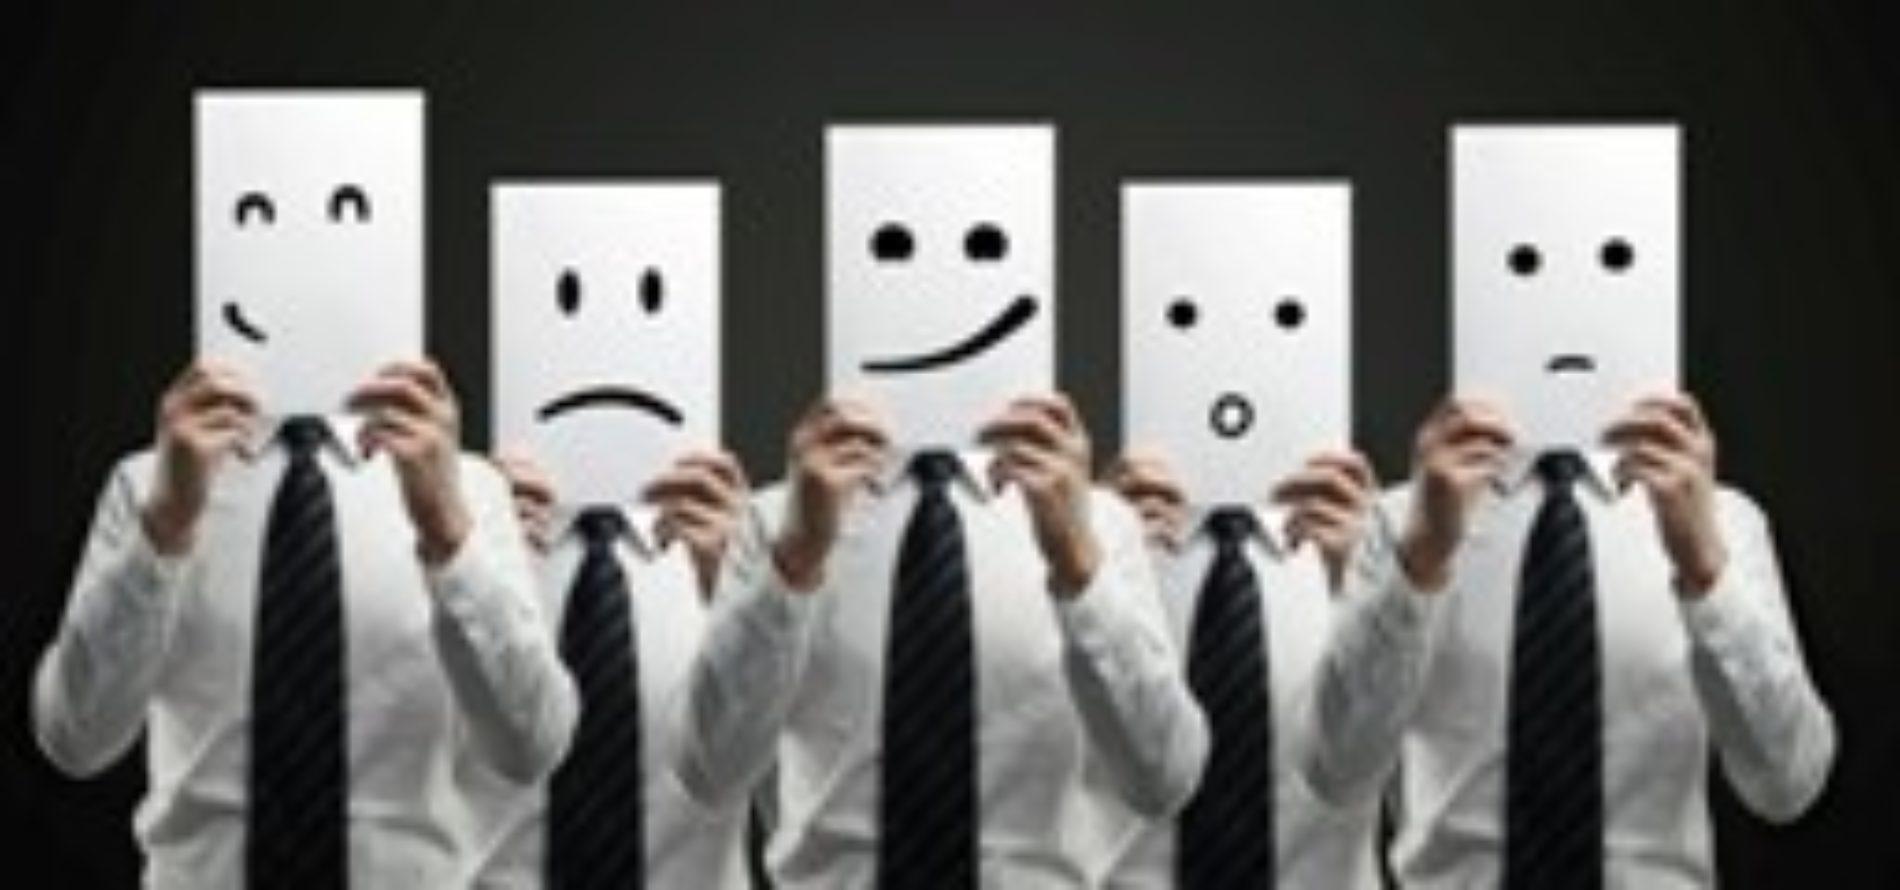 Контроль эмоций в переговорах